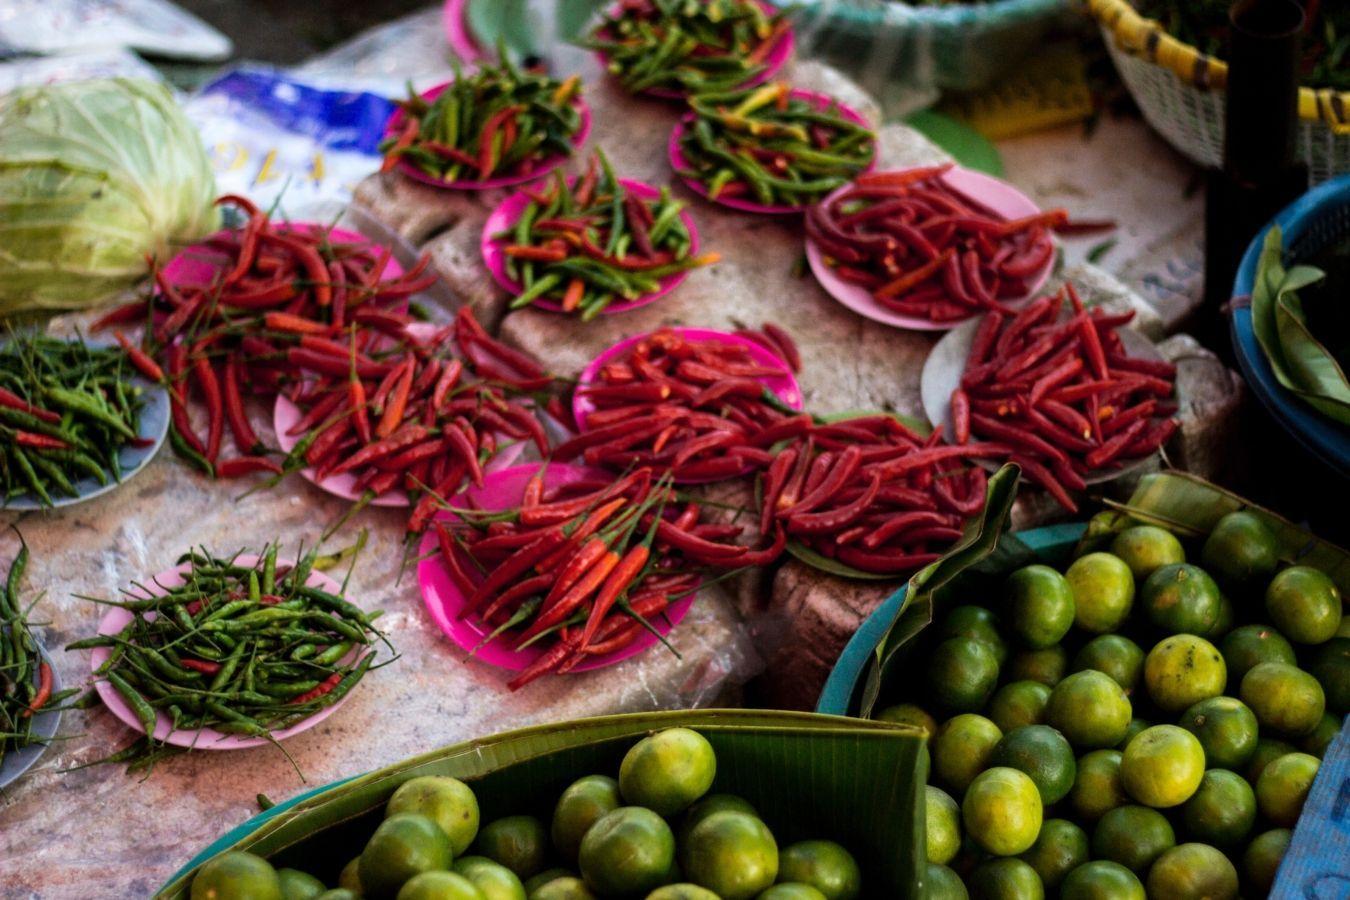 Aprende a diferenciar los cursos de cocina en Chiang Mai y elige el que mejor se adapte a tus gustos, presupuesto y preferencias culinarias | Gastronomadistas